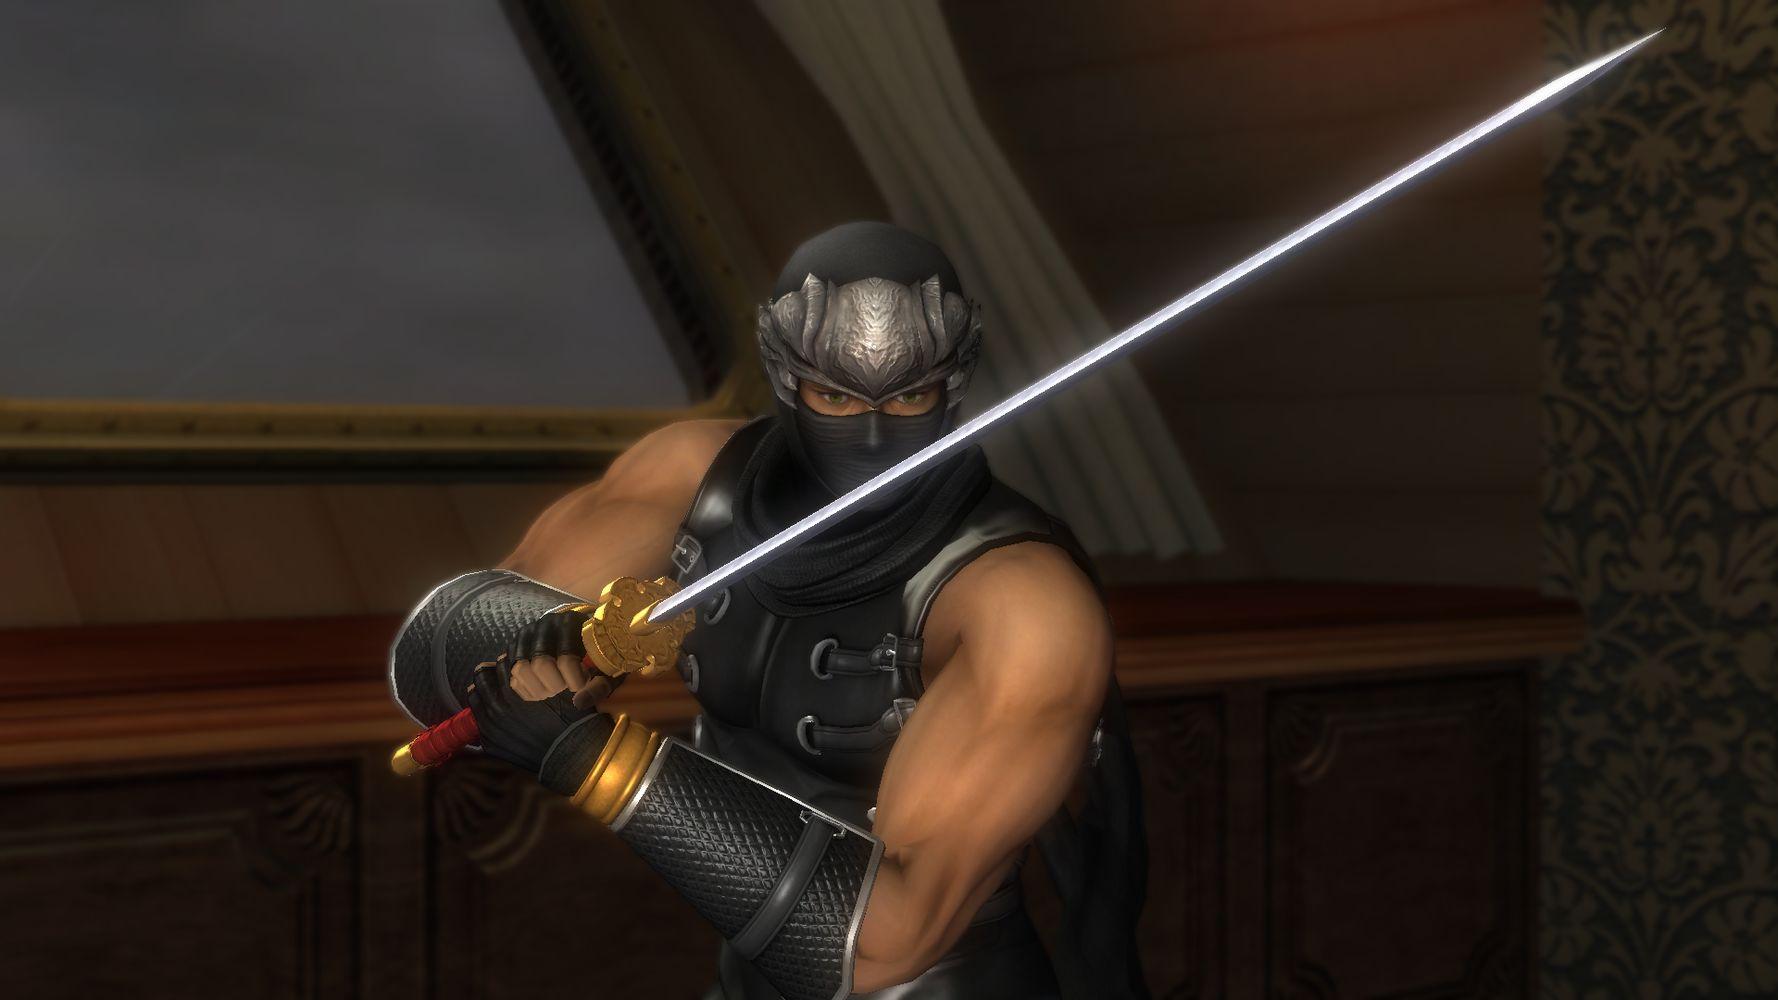 L'inizio di una nuova avventura per Ryu Hayabusa